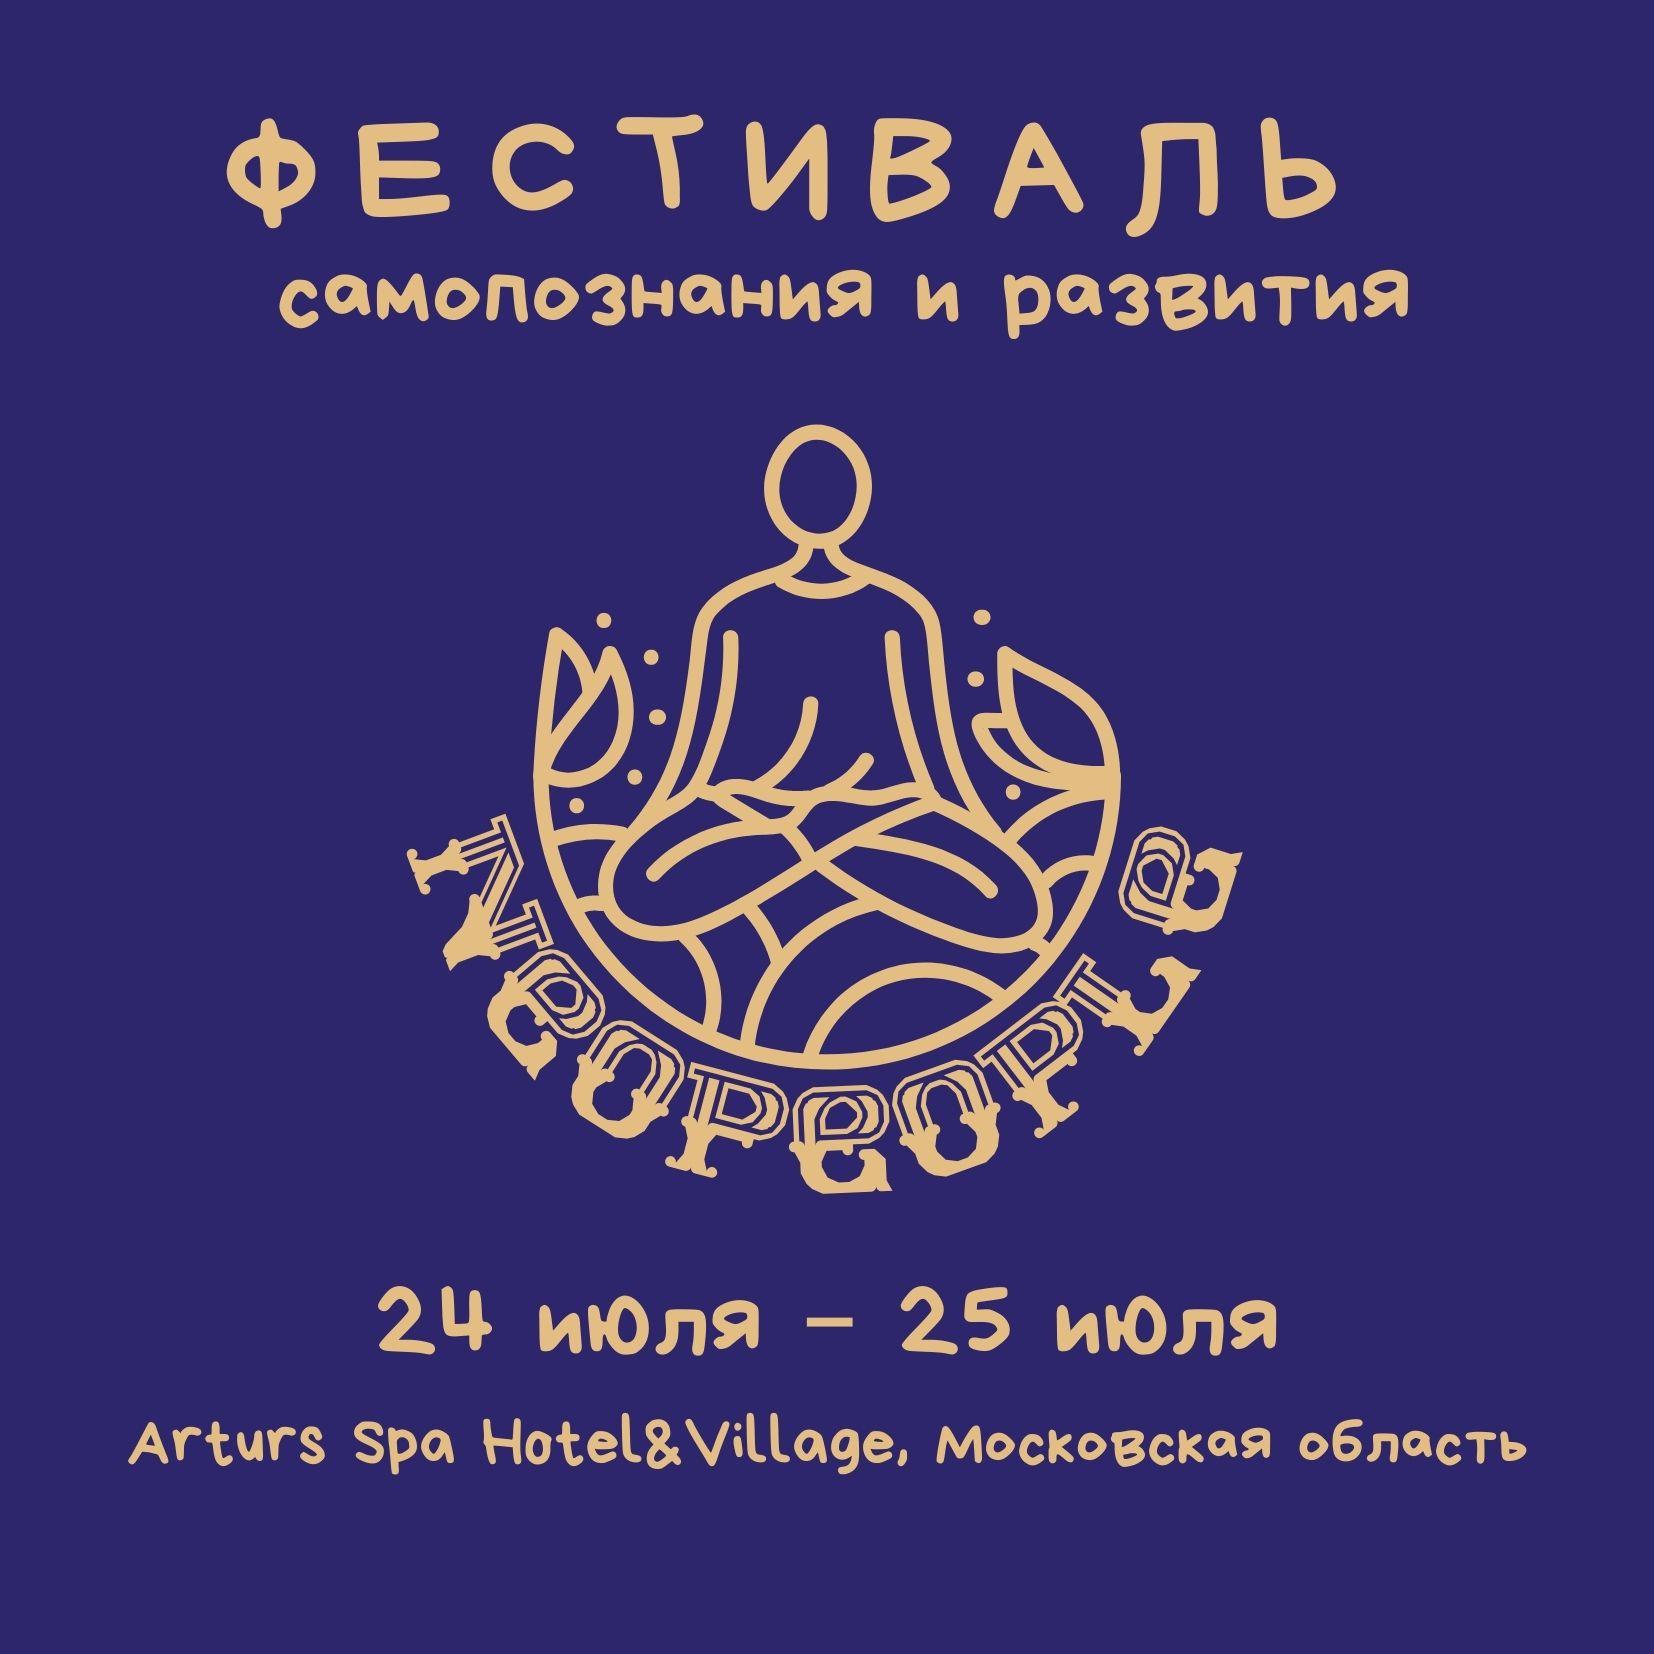 Разработка фирменного стиля фестиваля эзотерики фото f_940606e8fd09d91c.jpg